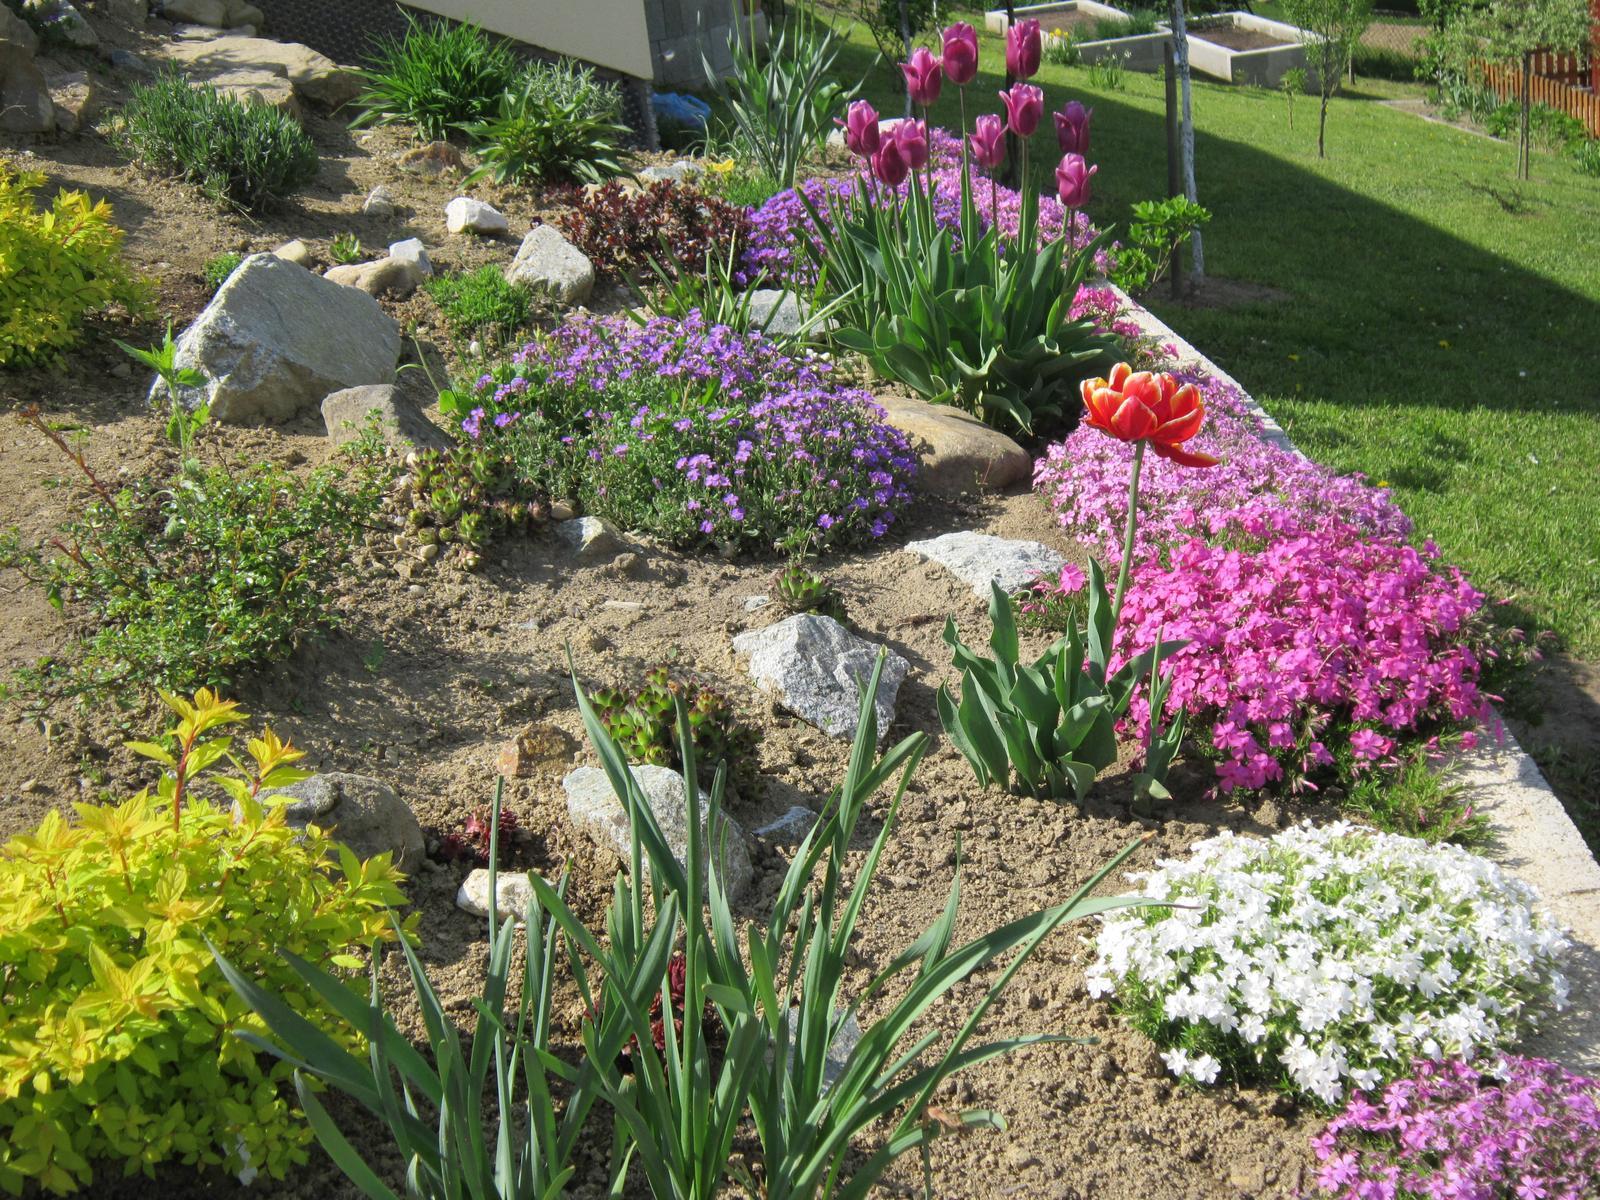 Moja záhrada...ako šiel čas - Obrázok č. 36